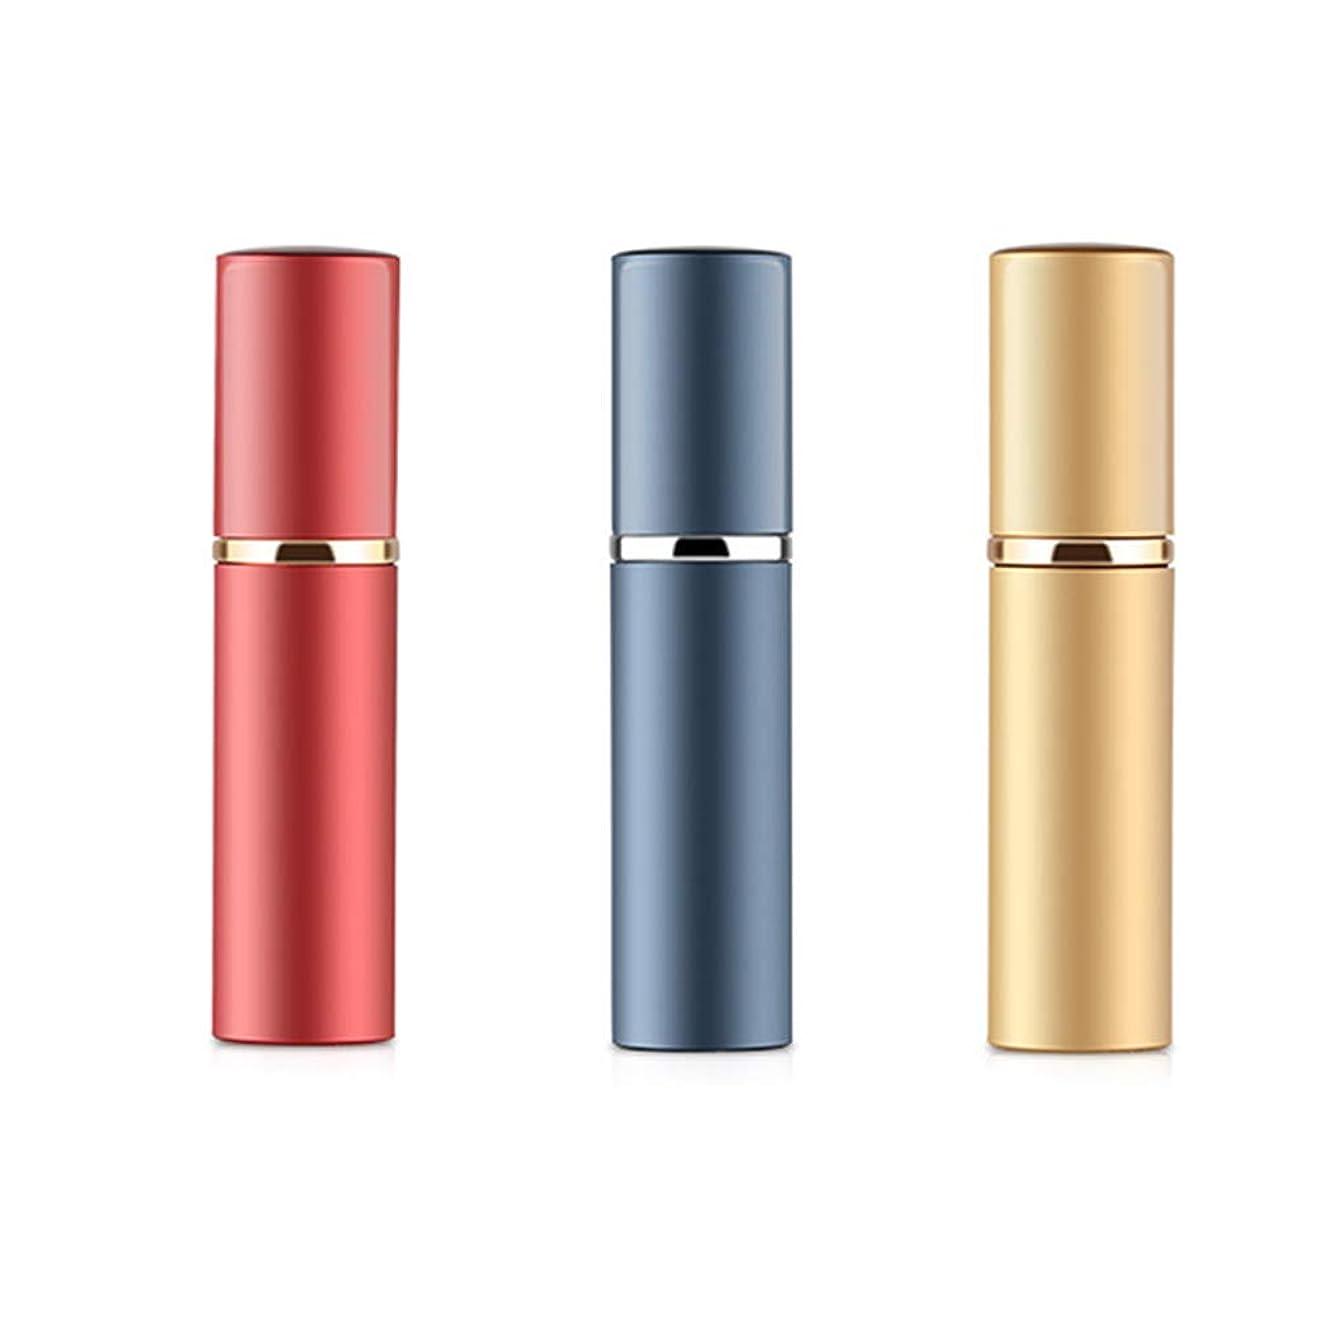 中絶書道習熟度アトマイザ 香水 詰め替え容器 スプレーボトル 小分けボトル トラベルボトル 旅行携帯便利 (3色セット)